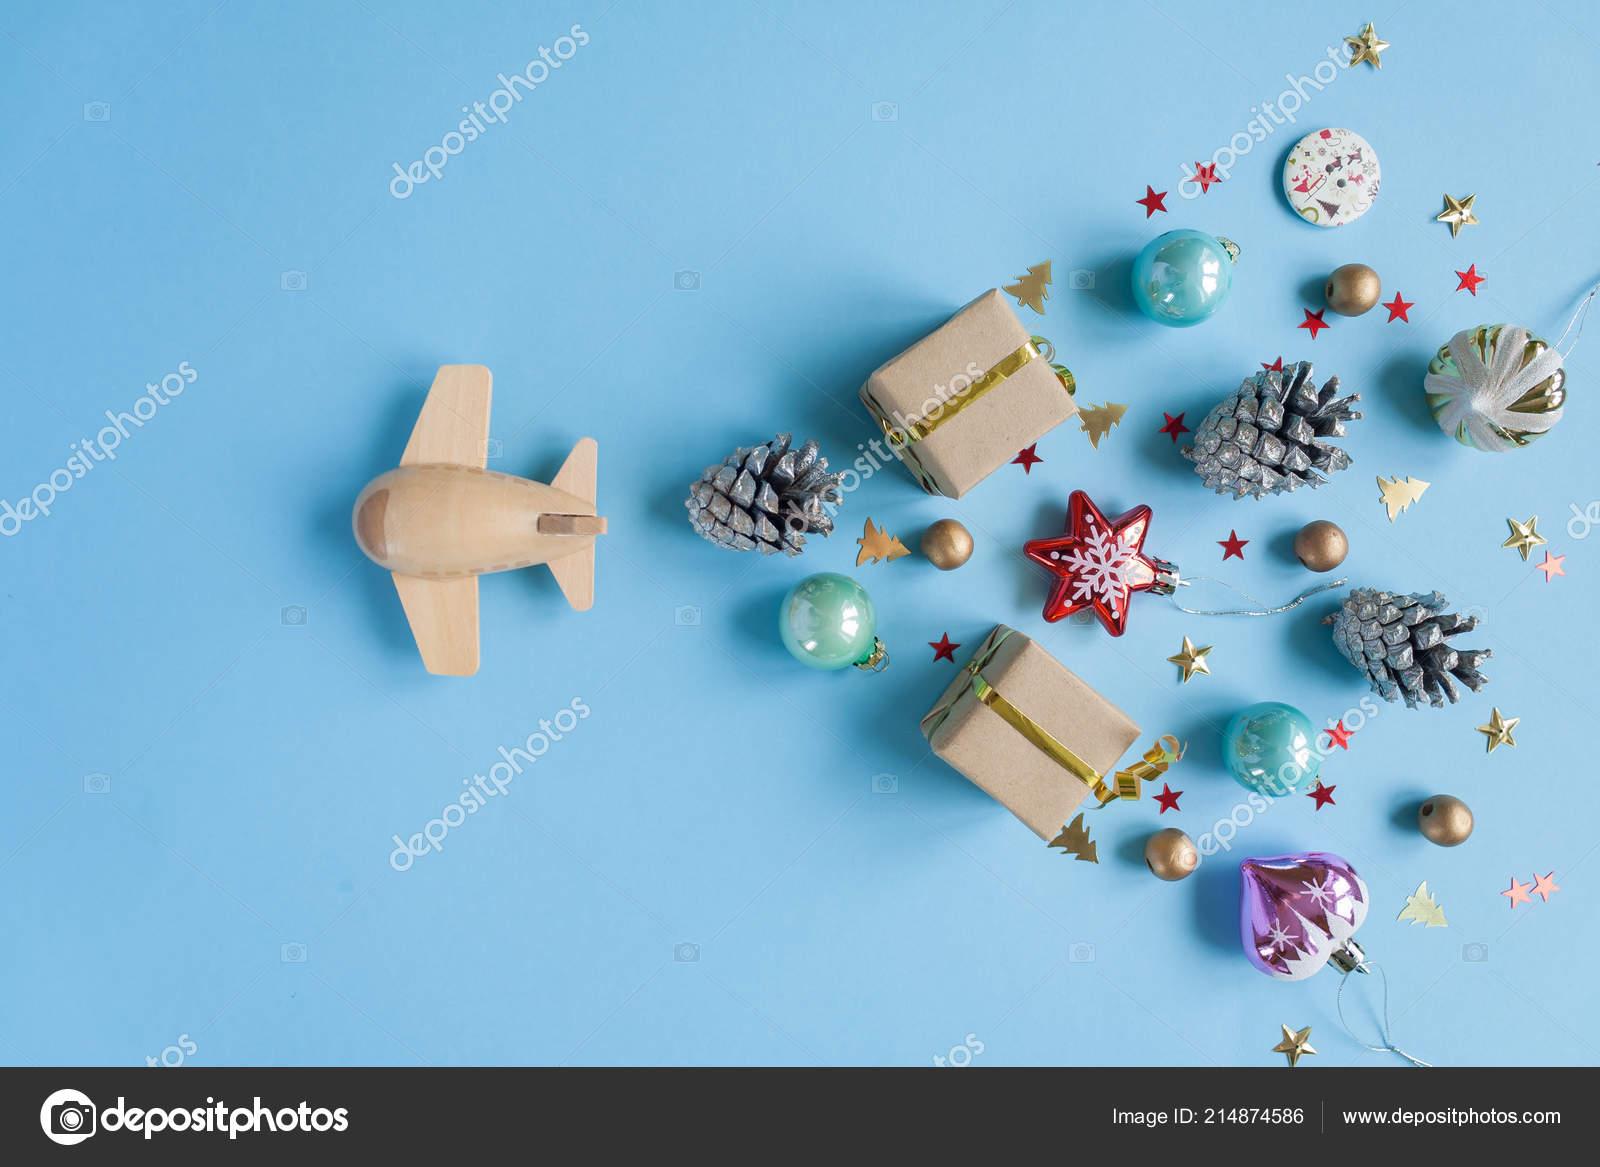 Decorazioni In Legno Per Bambini : Concetto eco piano legno bambini con diversi decorazione natale